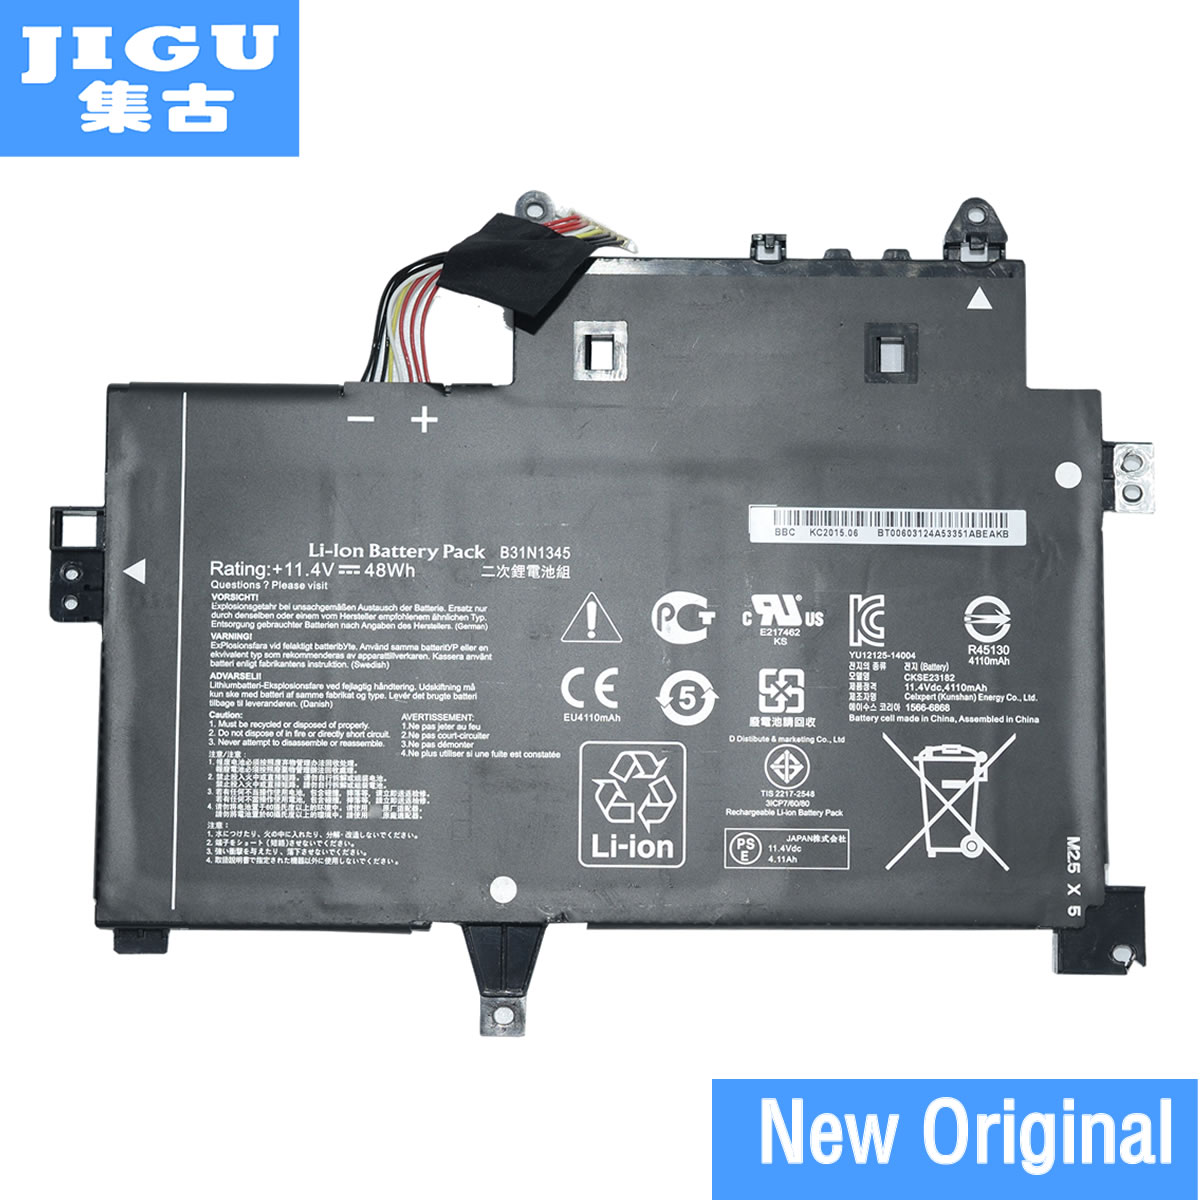 JIGU Original Laptop Battery B31N1345 For ASUS Transformer Book Flip TP500L TP500LA TP500LN 11.4V 48WH